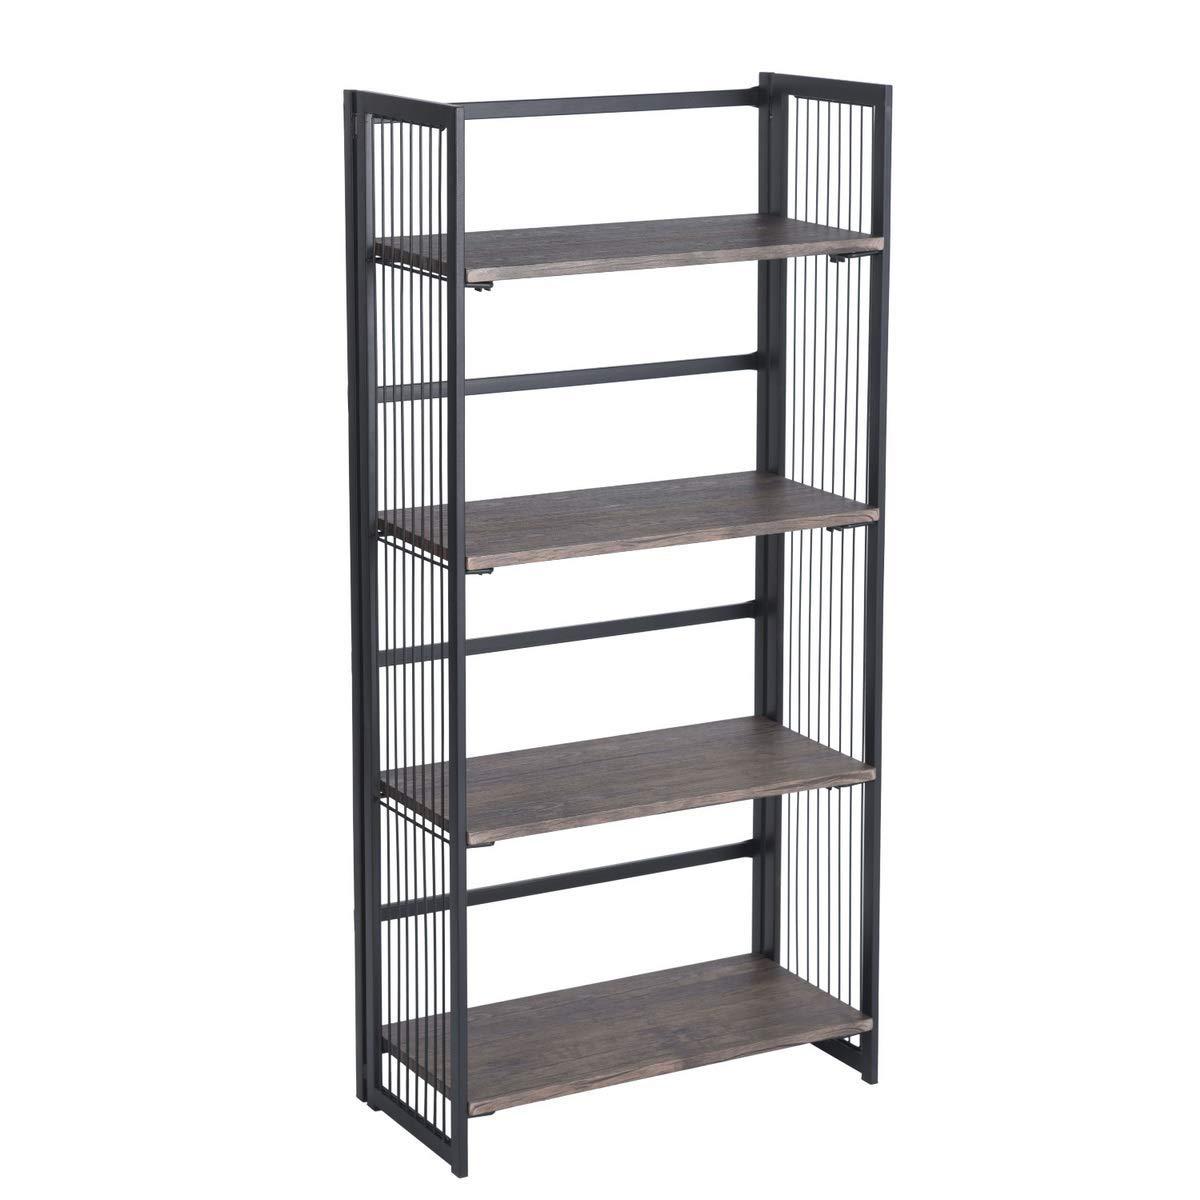 None Vintage Dark Brown Black Metal Frame Wire Design 4 Tier Bookshelf Bookcase Display